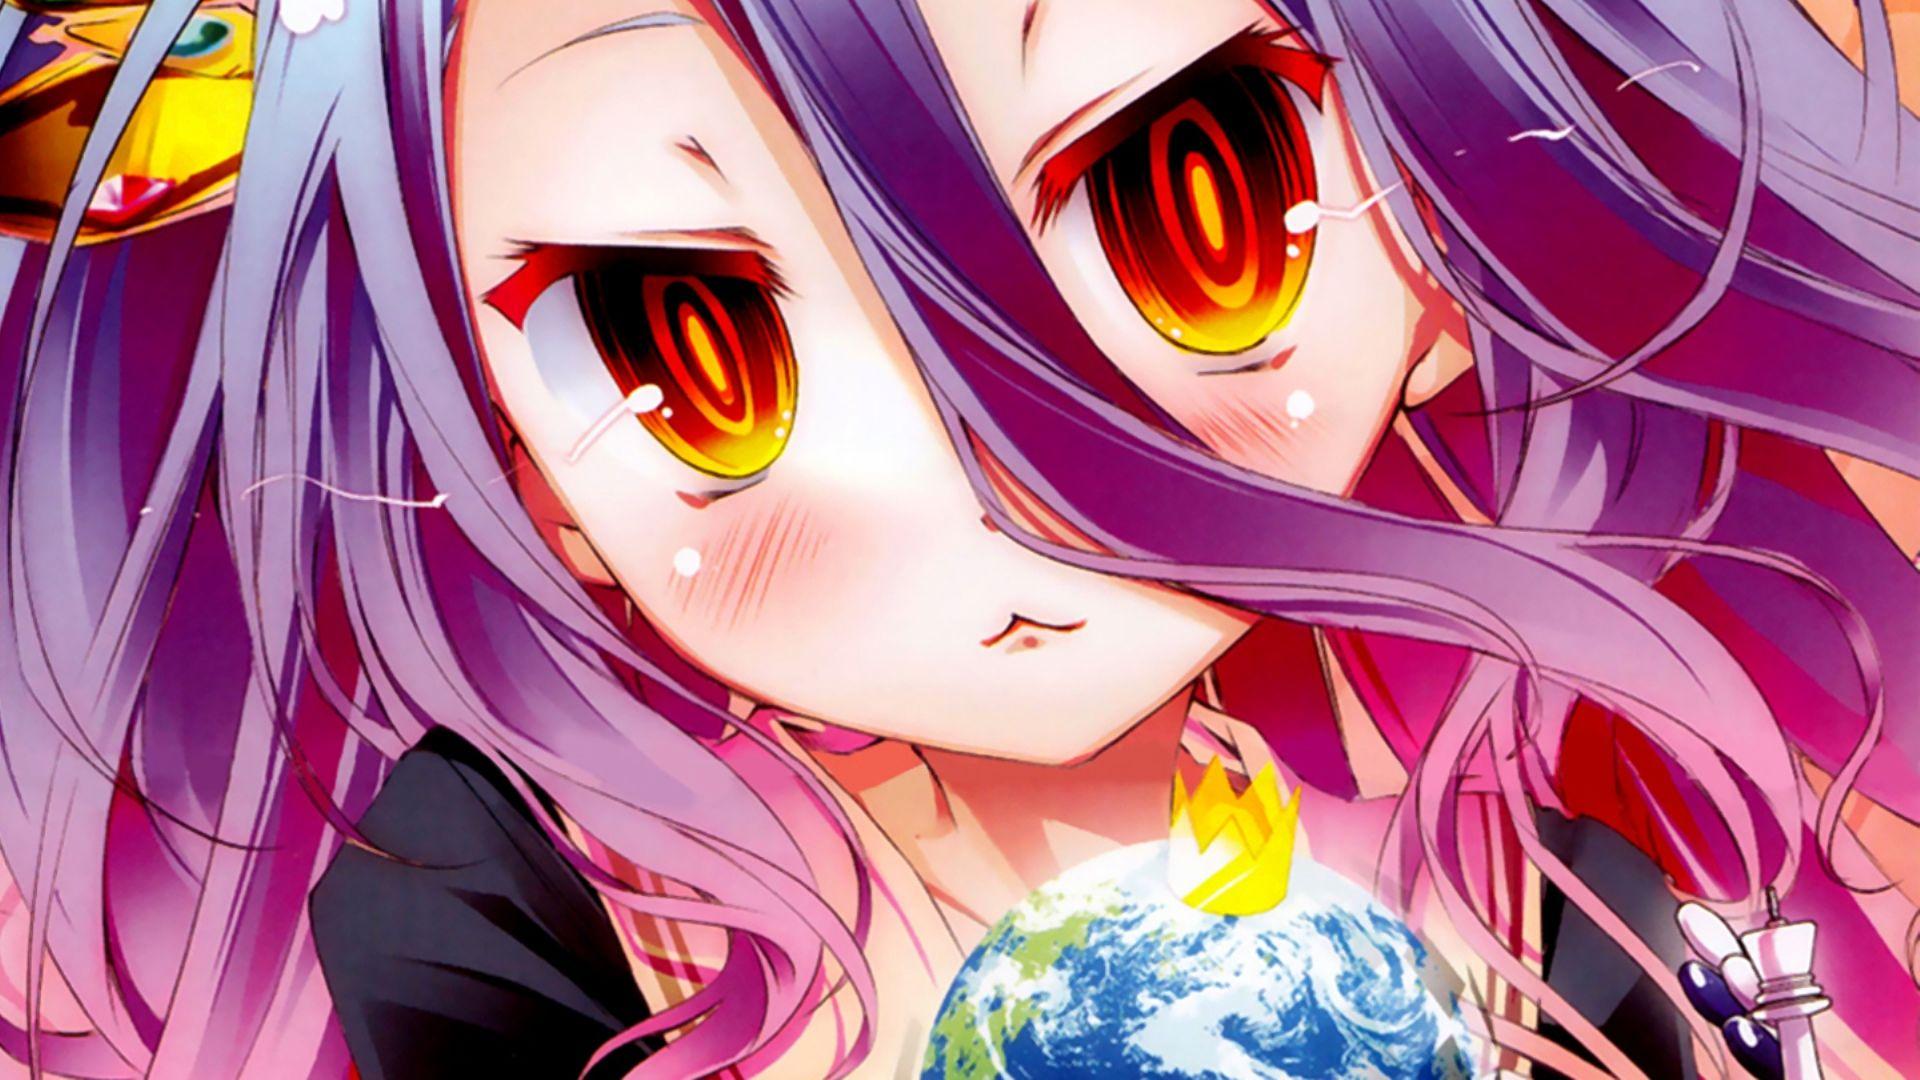 No Game No Life Shiro Hd Wallpaper No Game No Life Anime Animated Wallpapers For Mobile